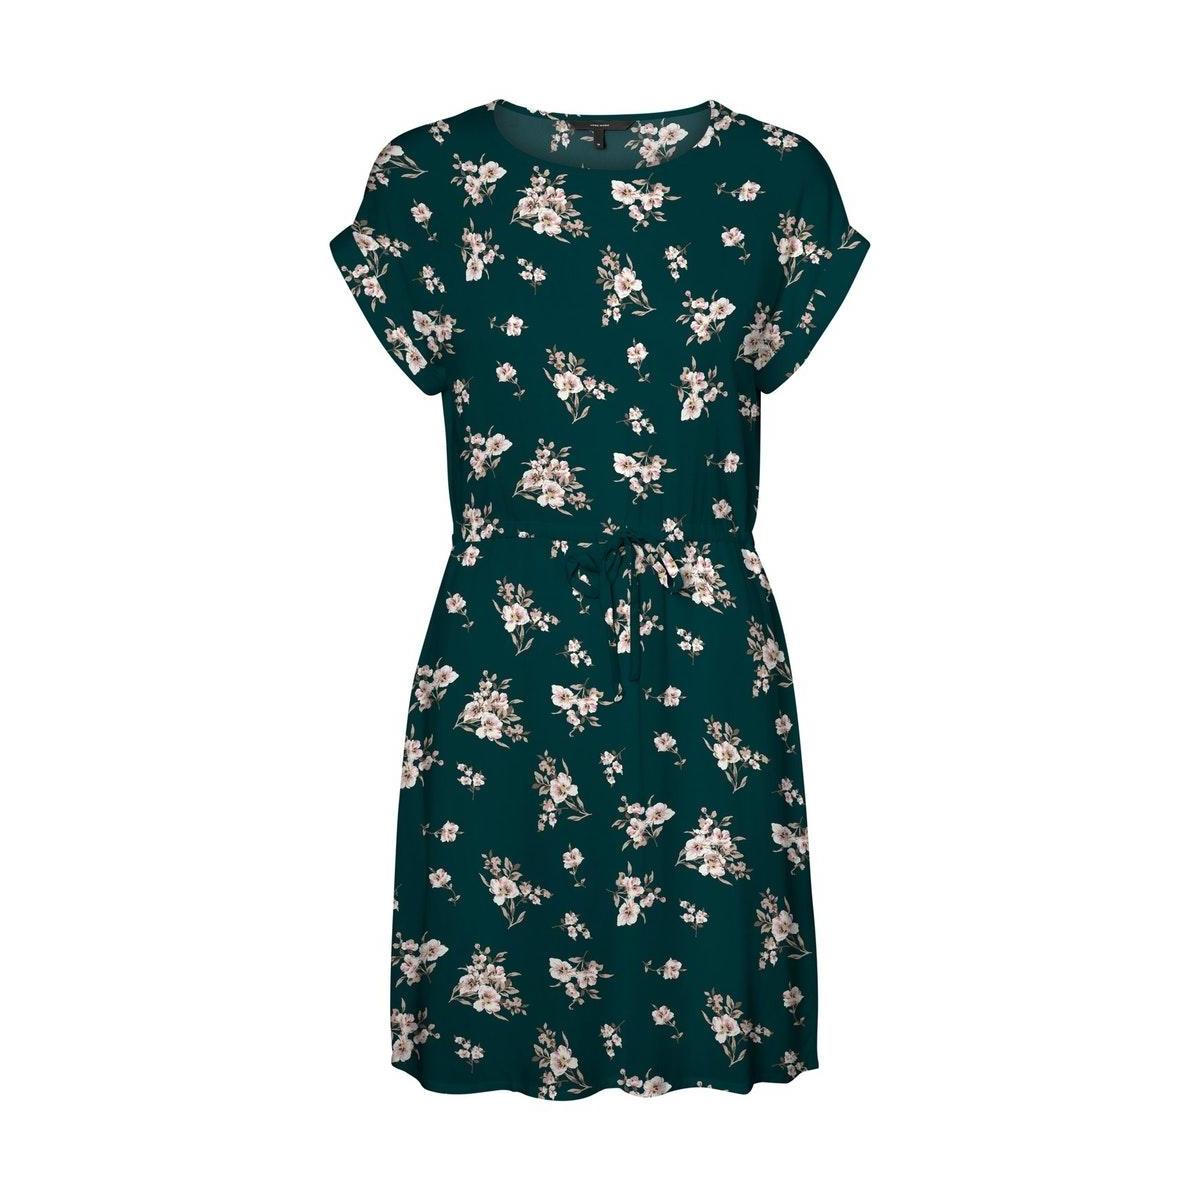 vmsimply easy ss short dress wvn ga 10227827 vero moda jurk ponderosa pine/sandy pond